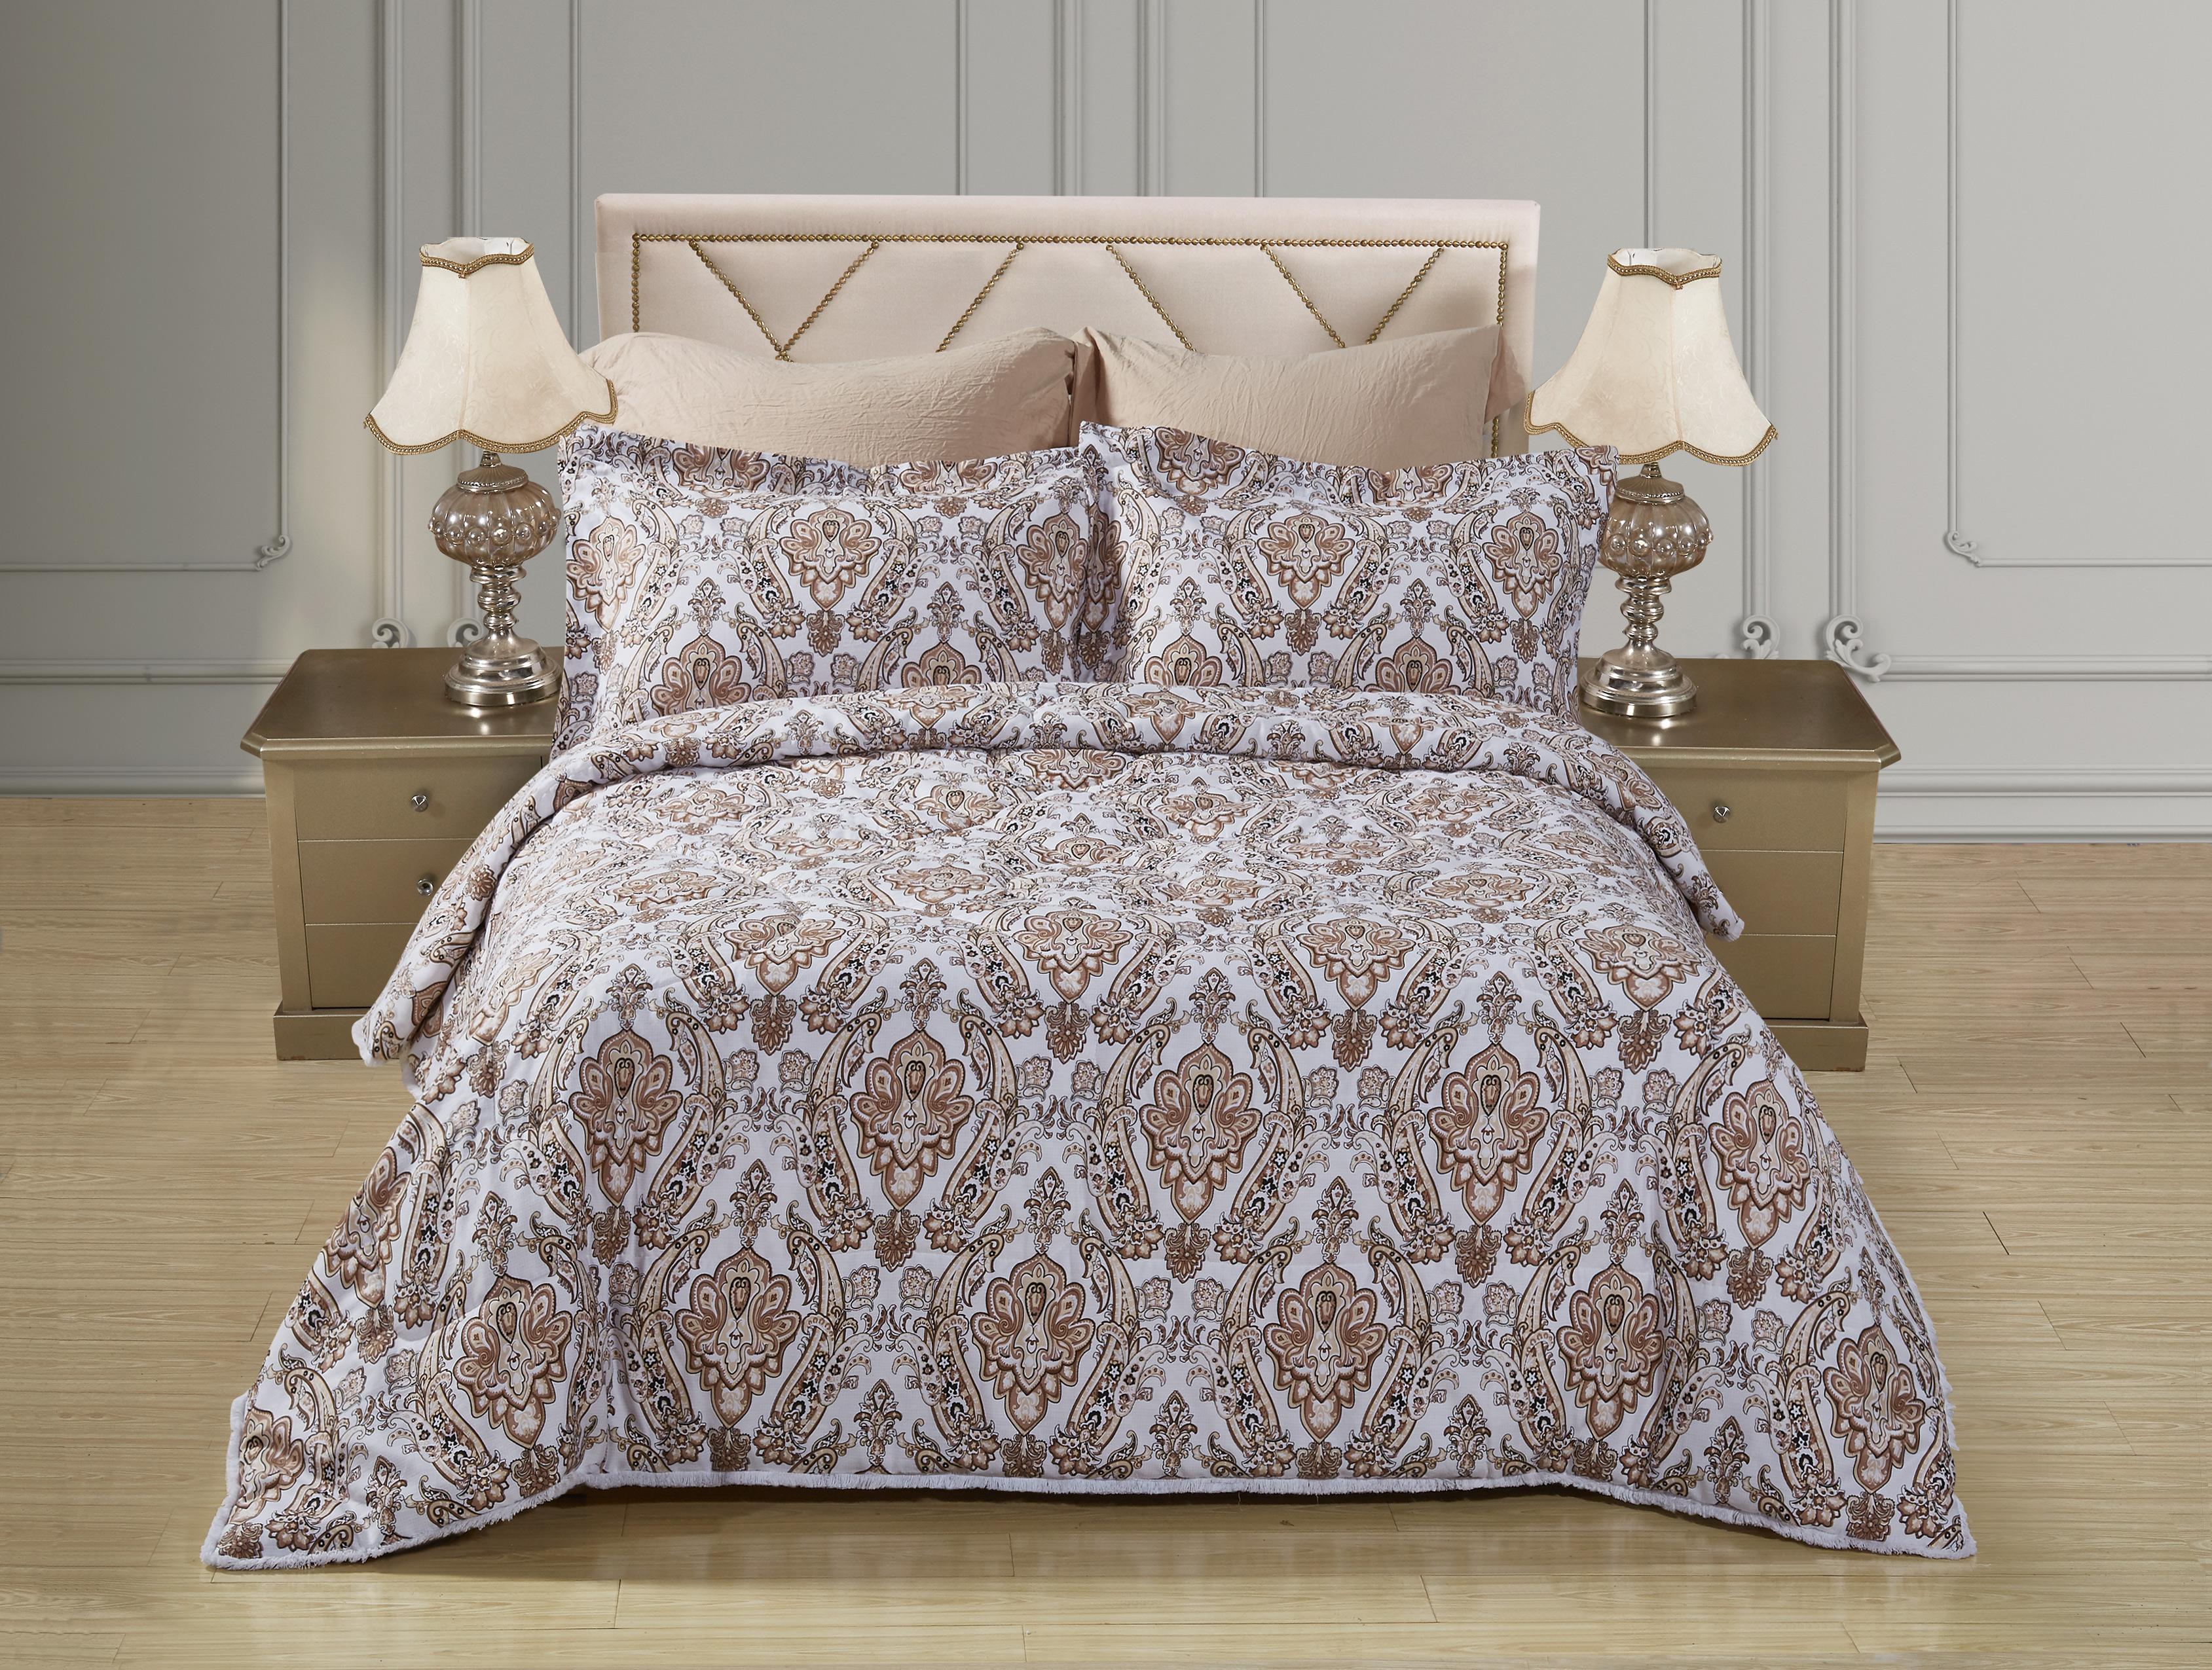 Купить Комплекты постельного белья Mioletto, Постельное белье с одеялом-пододеяльником Jenny (семейное), Китай, Хлопковый сатин, Синтетический сатин